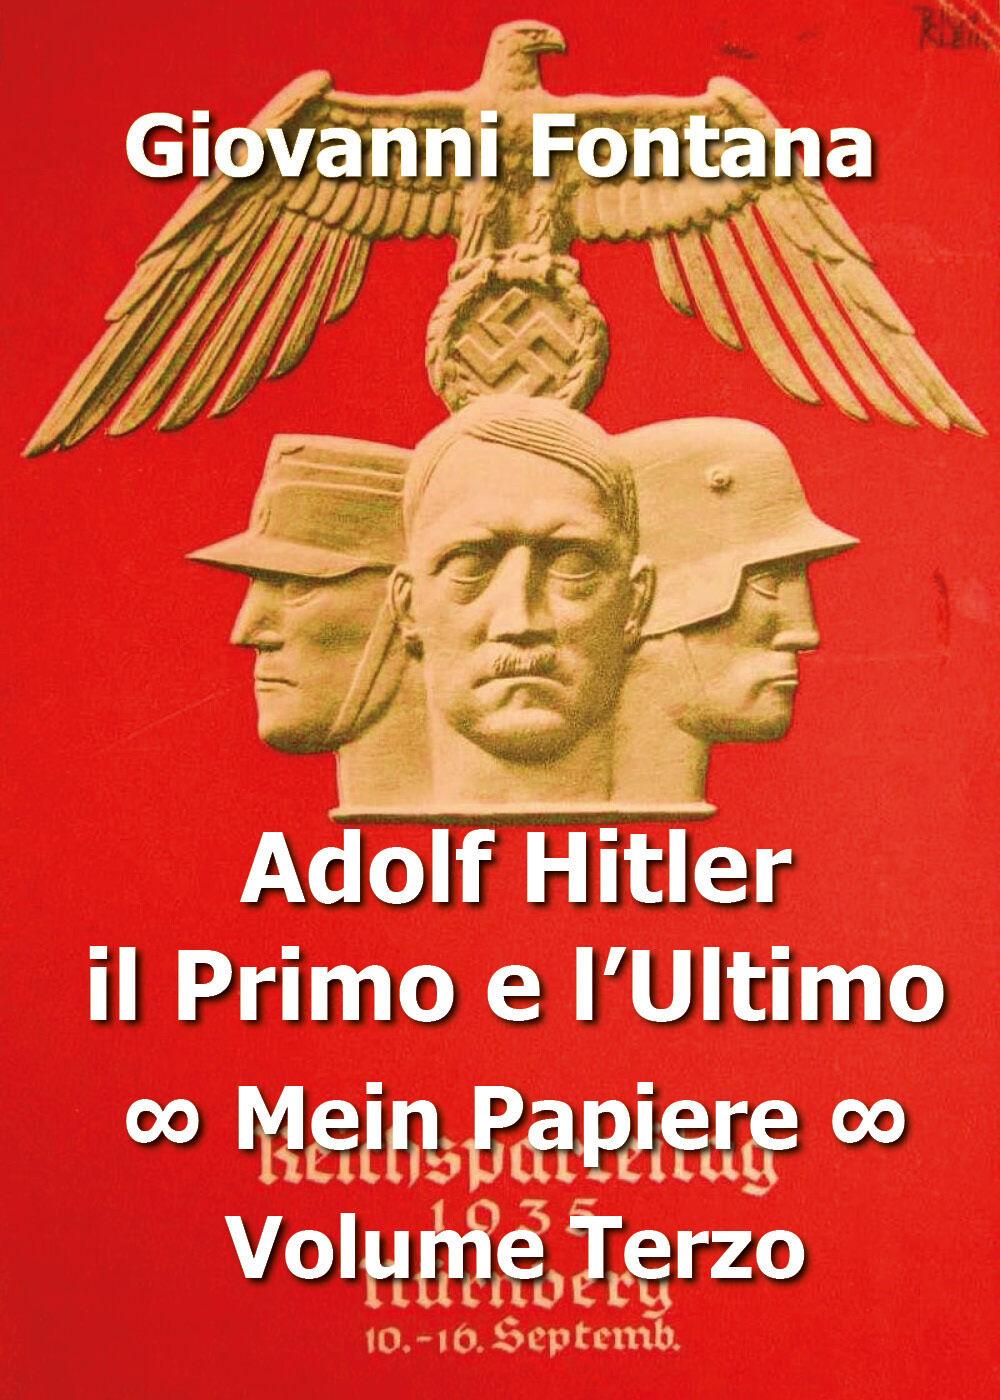 Adolf Hitler il primo e l'ultimo Drittes Buch. Il terzo libro del Mein Kampf. Vol. 3